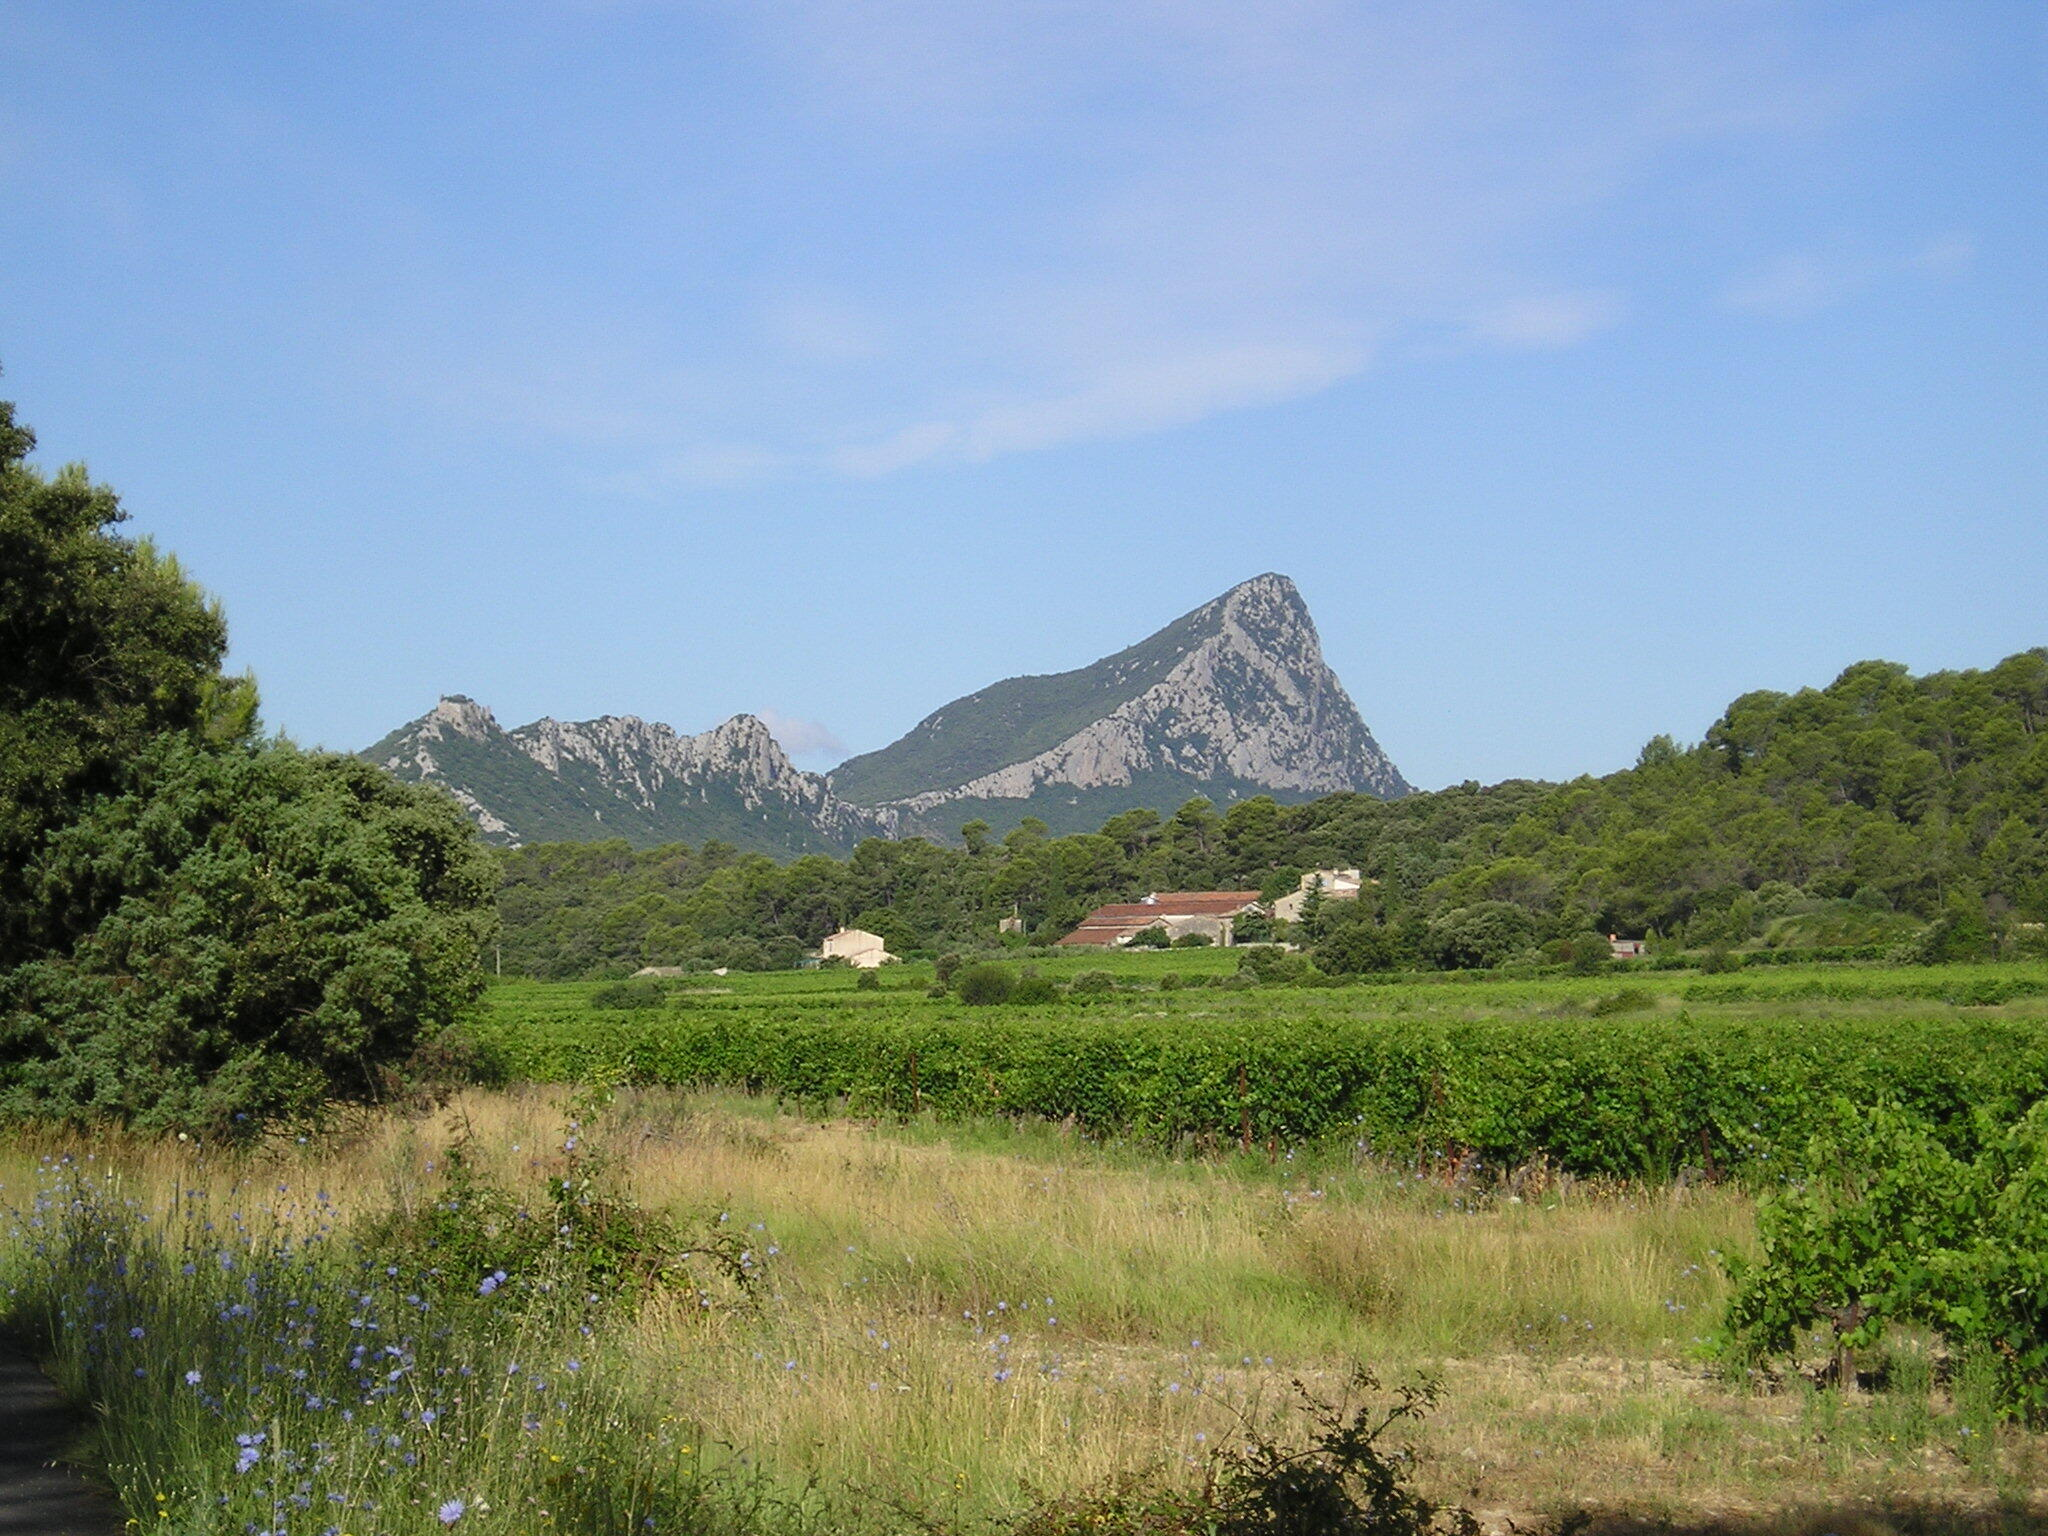 Le vignoble de Pic Saint-Loup vu de La Vieille.